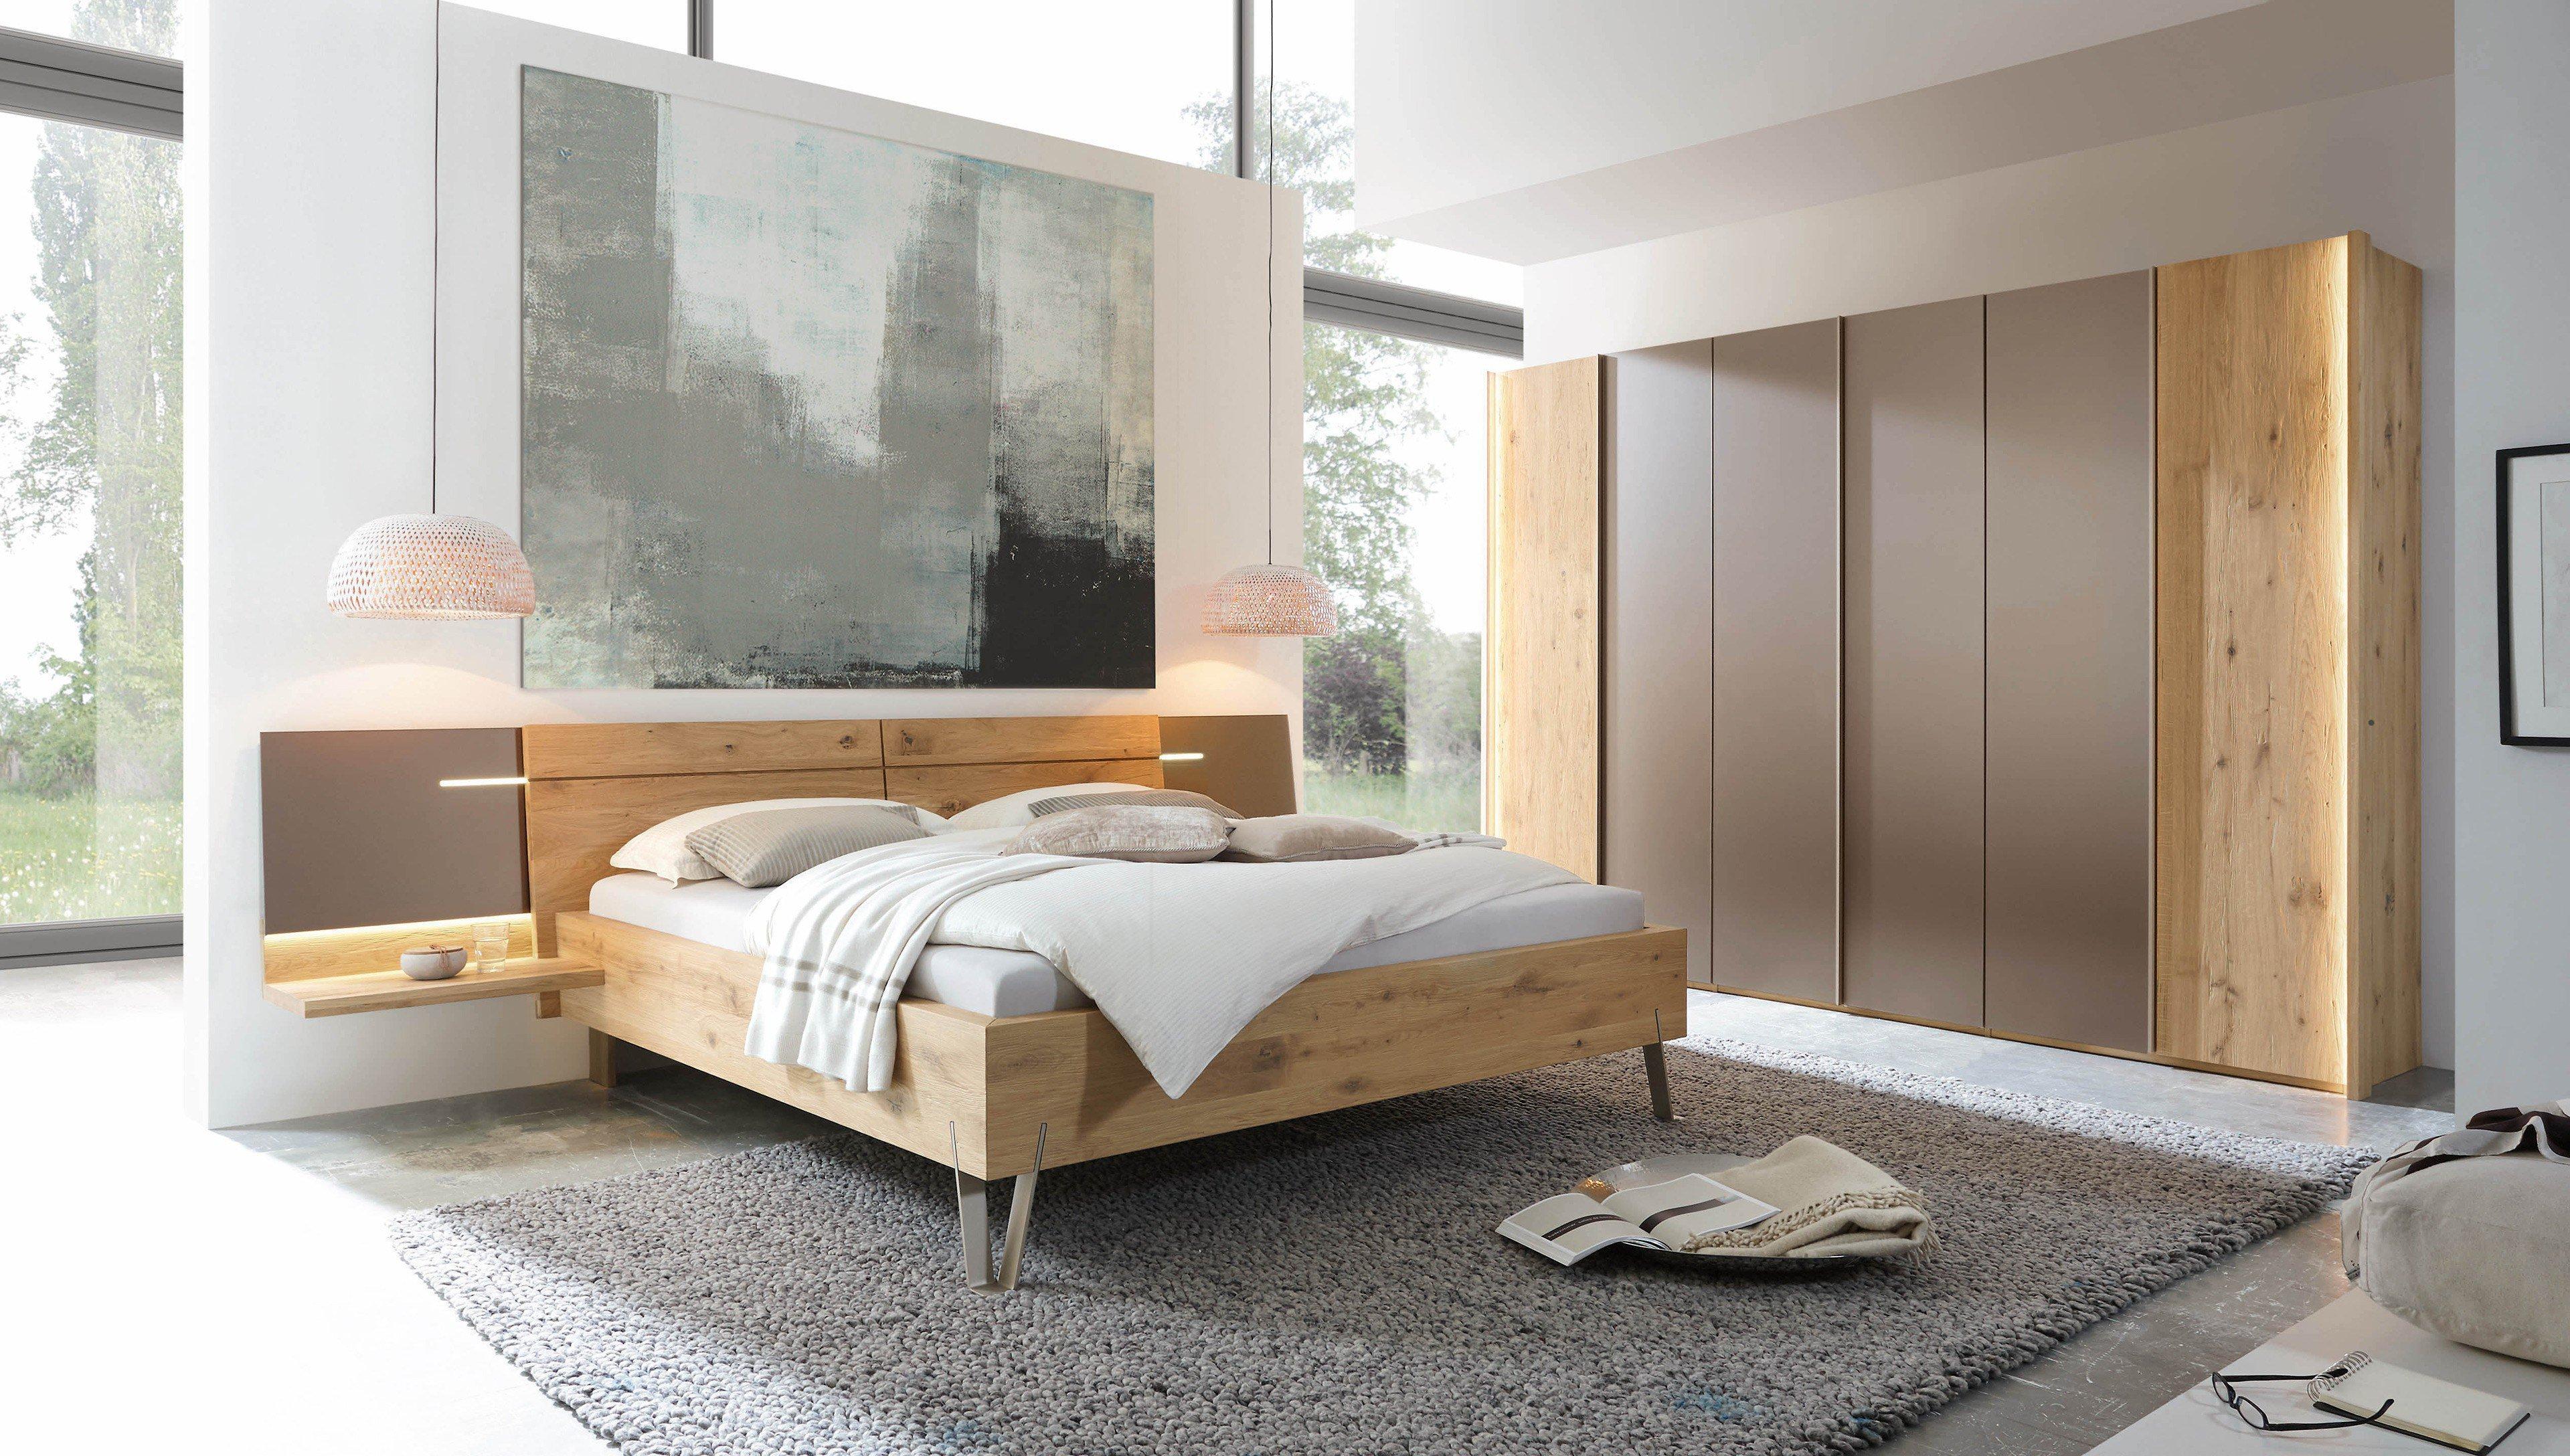 thielemeyer cubo schlafzimmer wildeiche massiv | möbel letz - ihr, Schlafzimmer entwurf